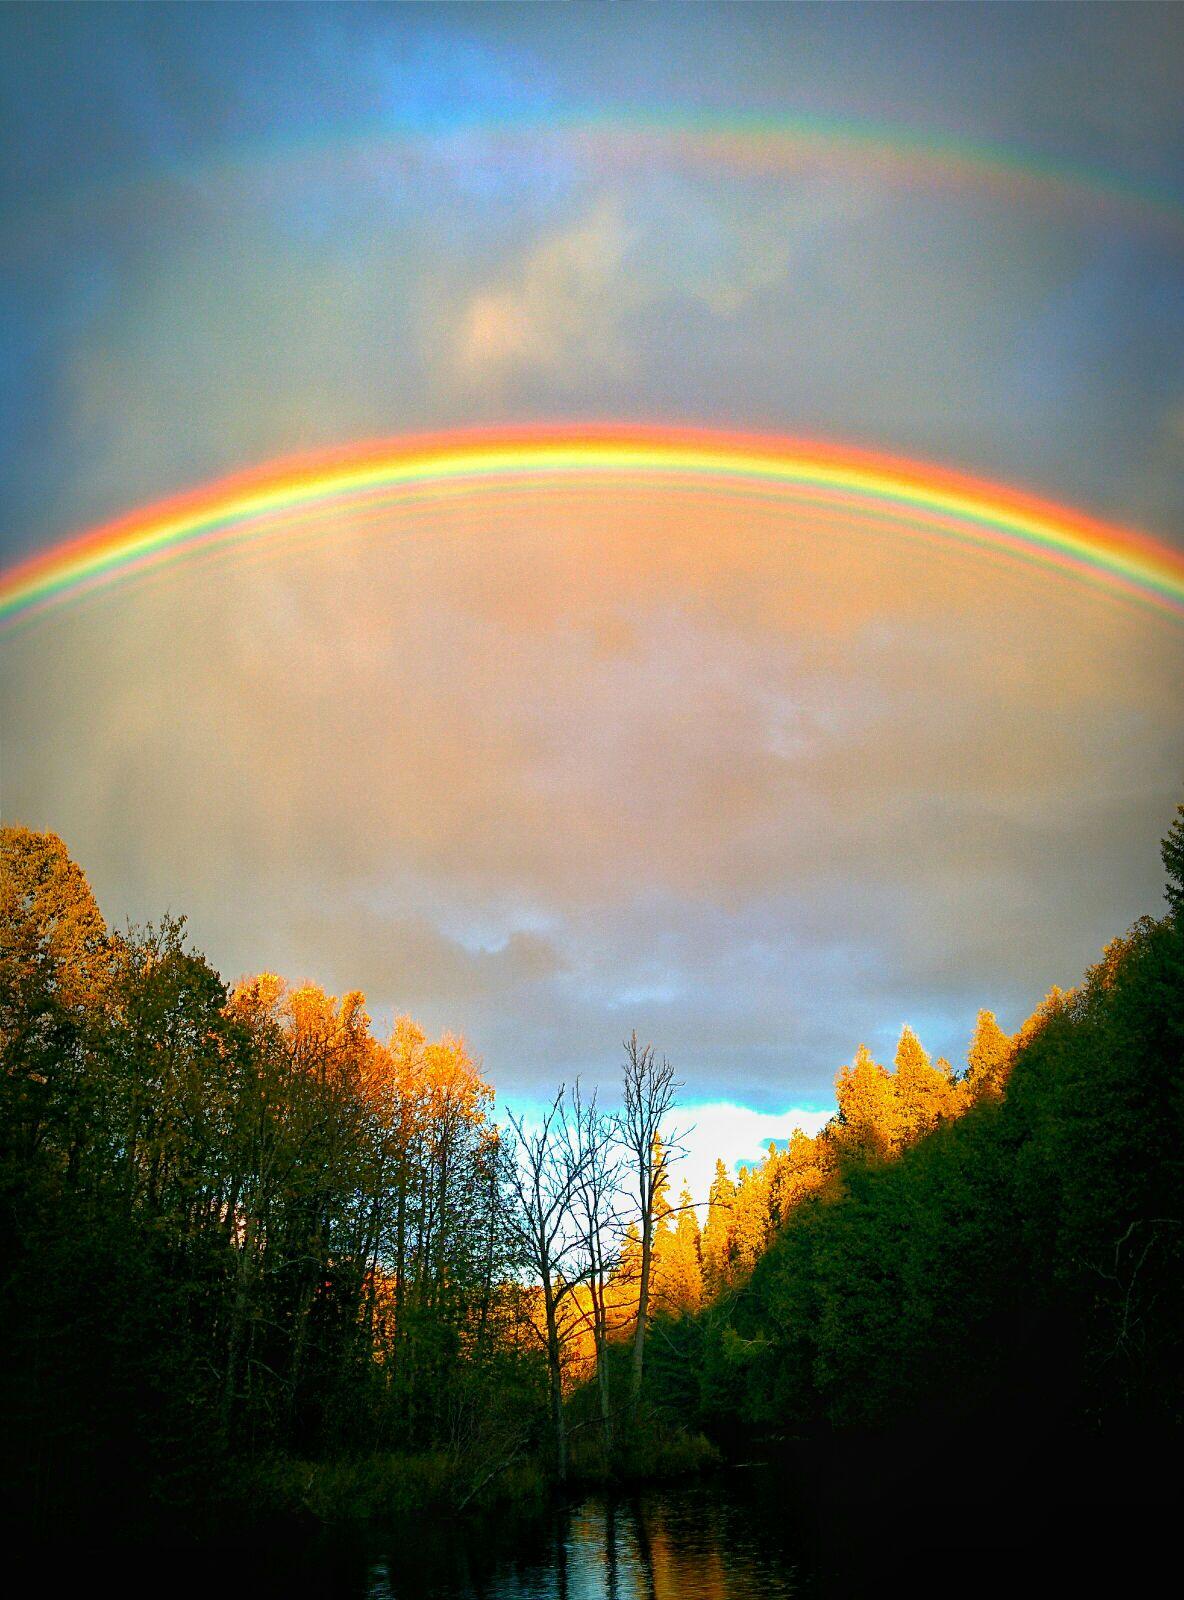 чуть радуга картинки большого формата спас